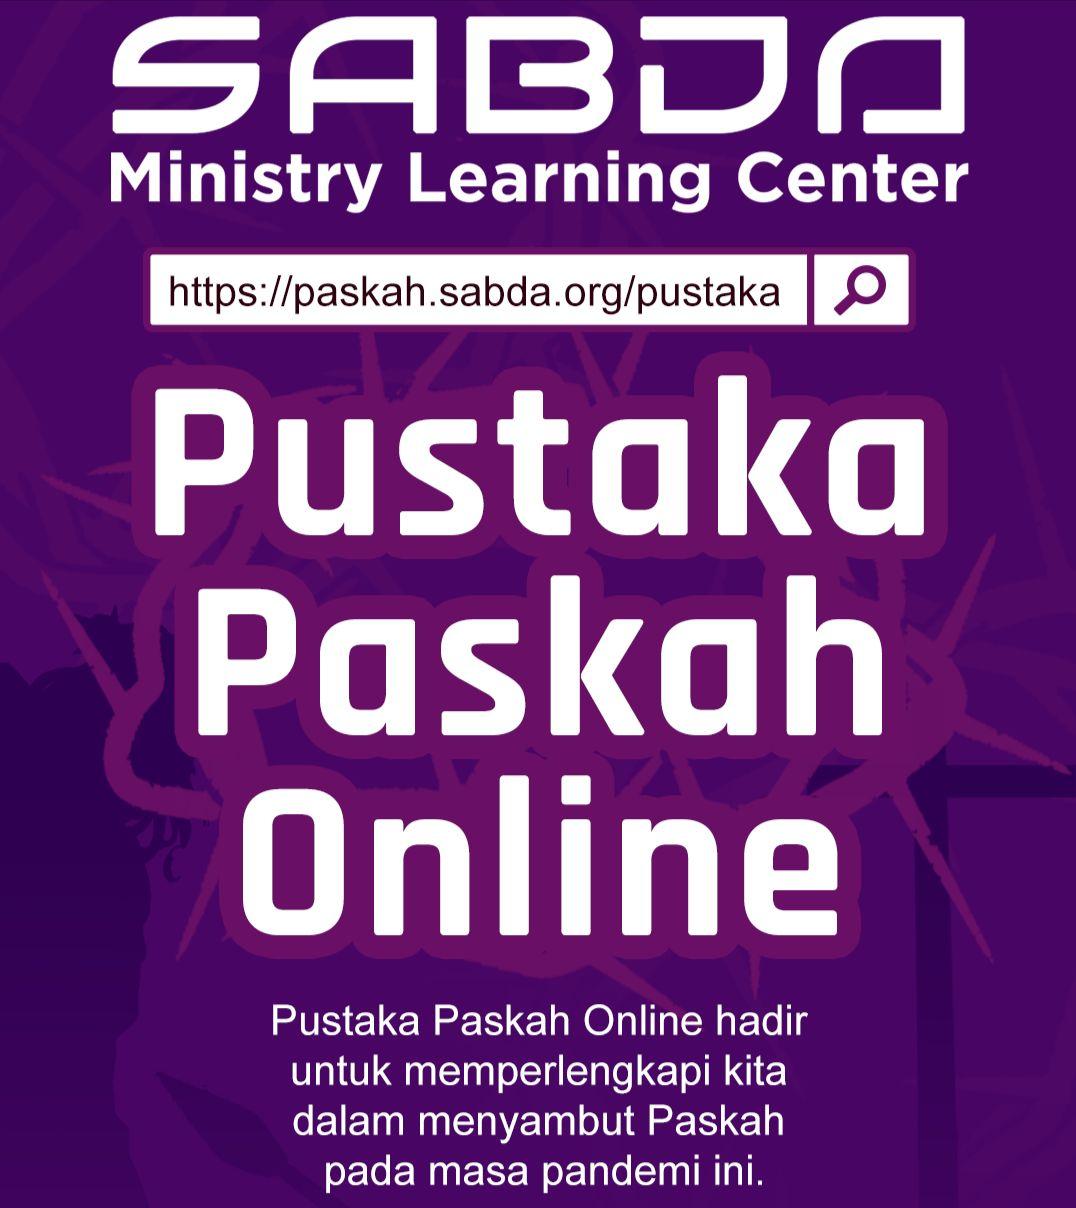 Pustaka Paskah Online 2021